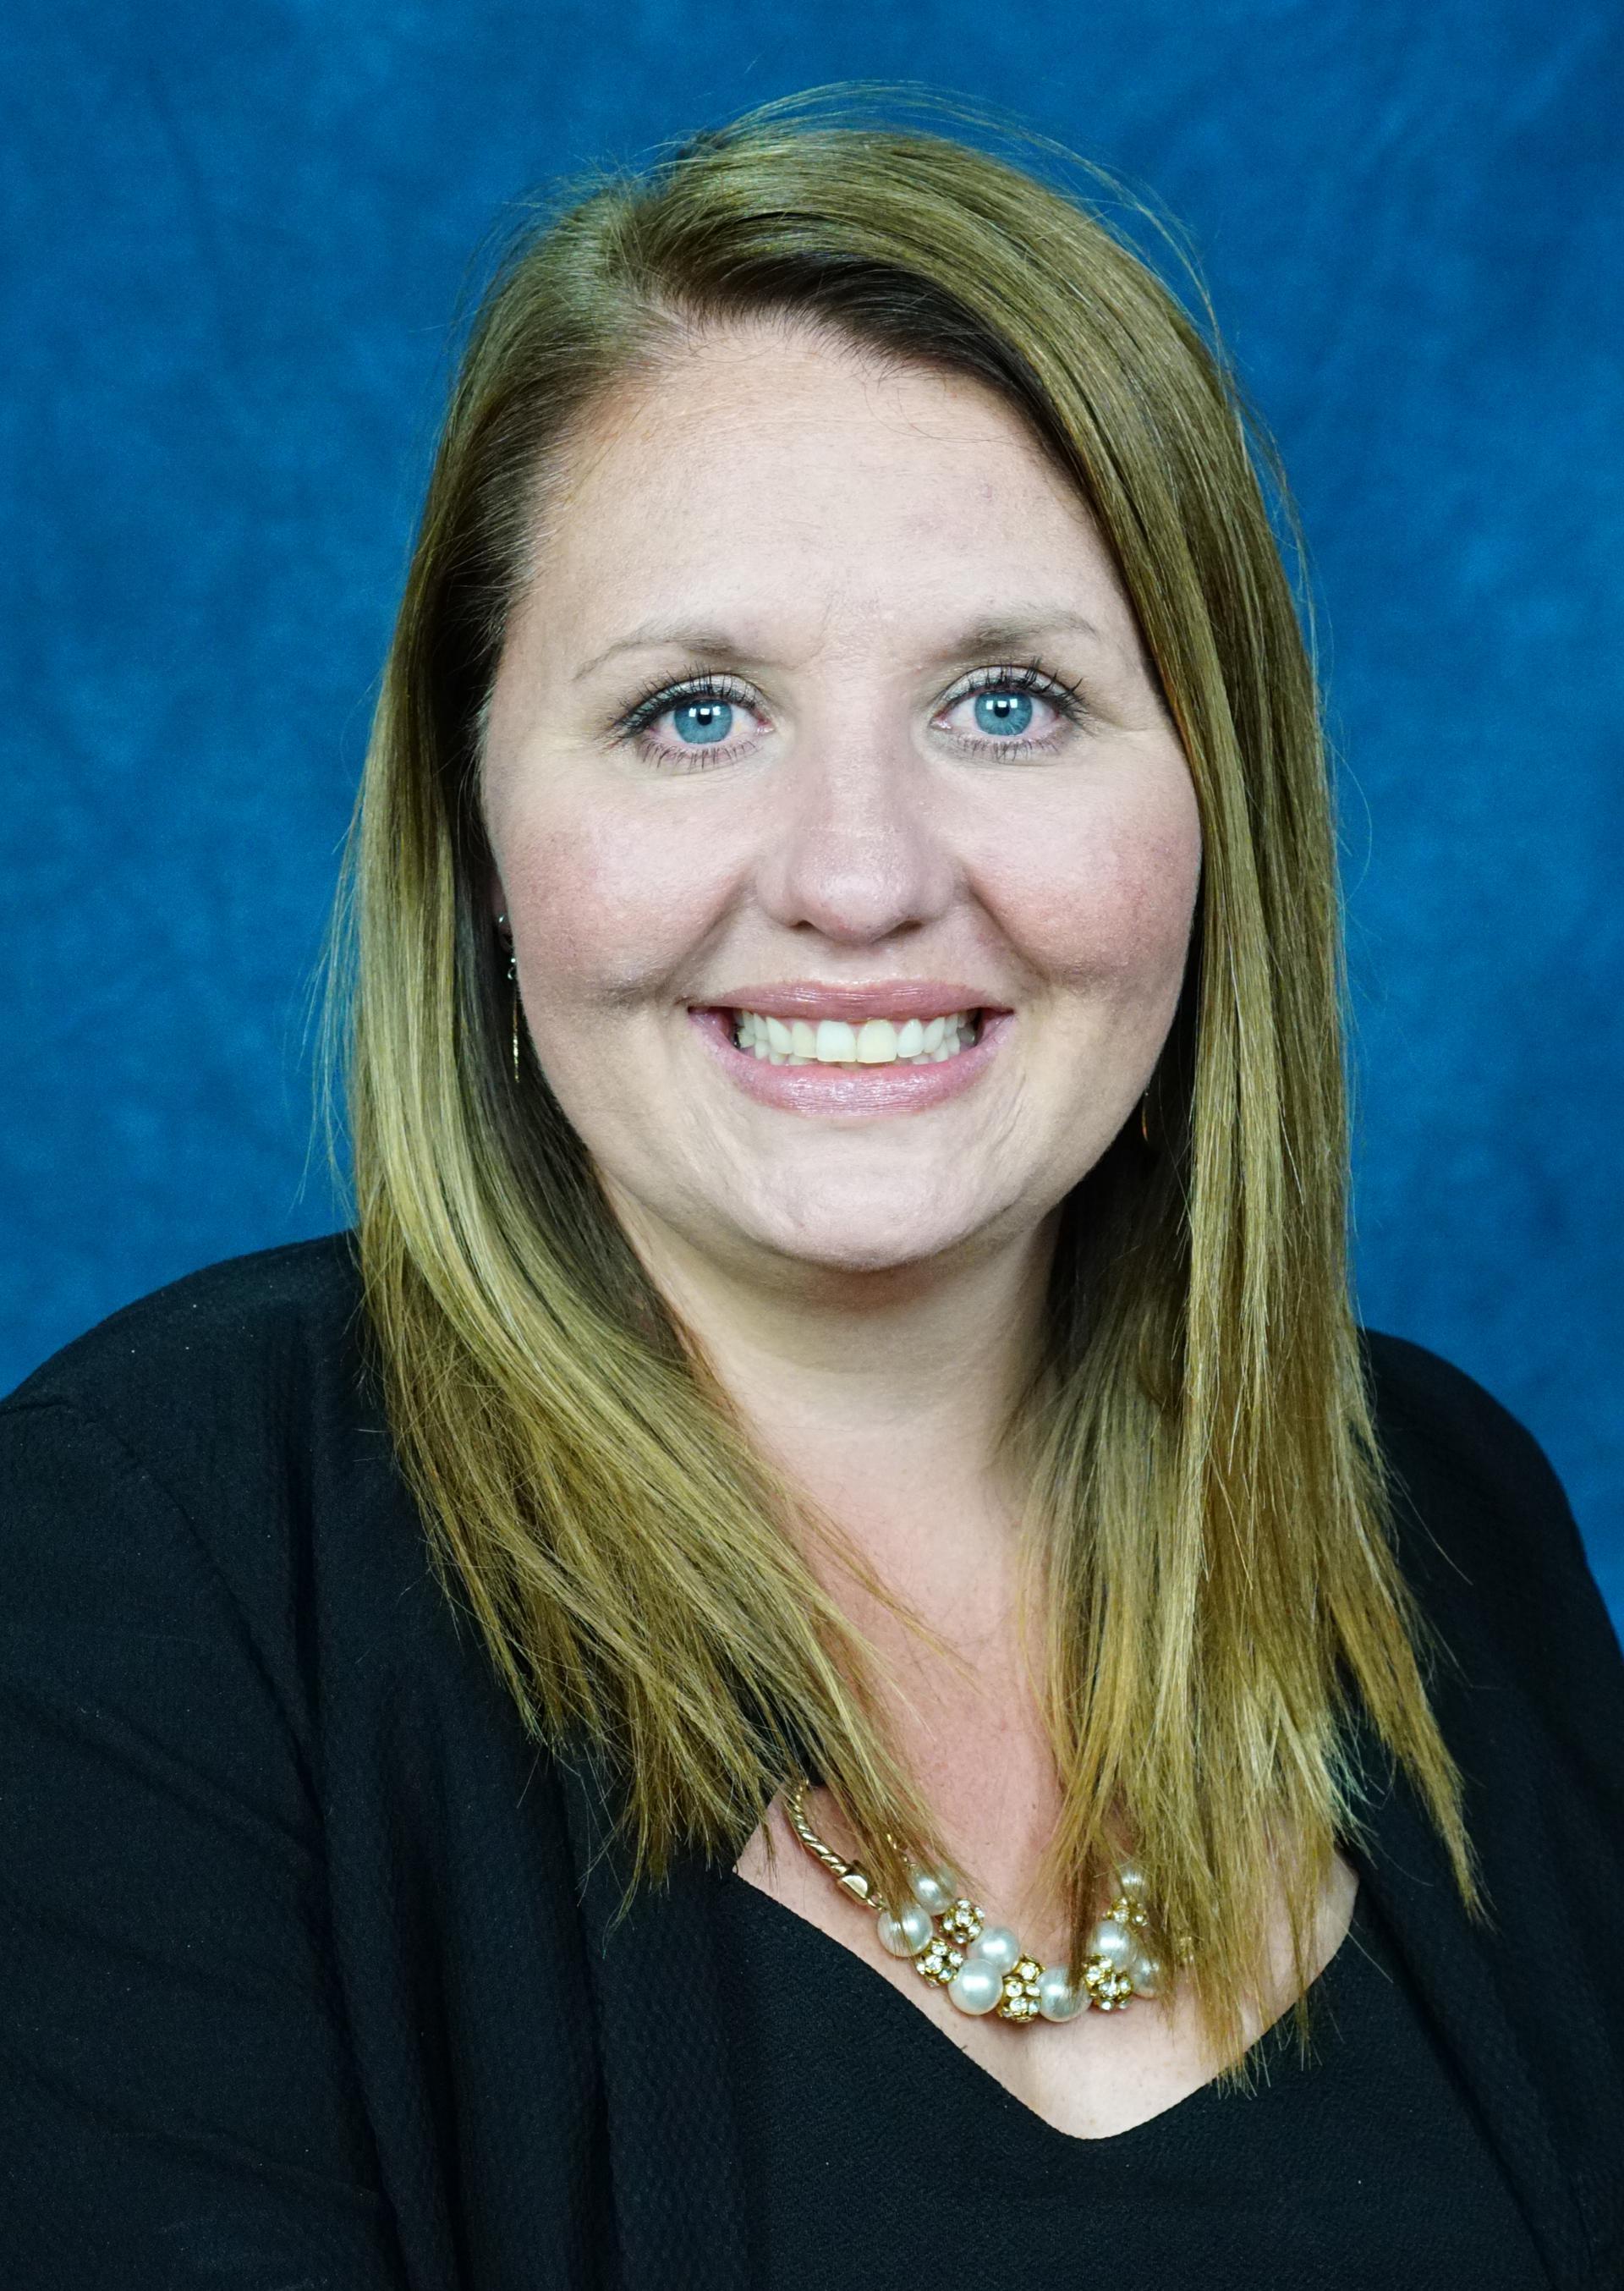 Angaelicka Iverson - Hayes Elementary Principal